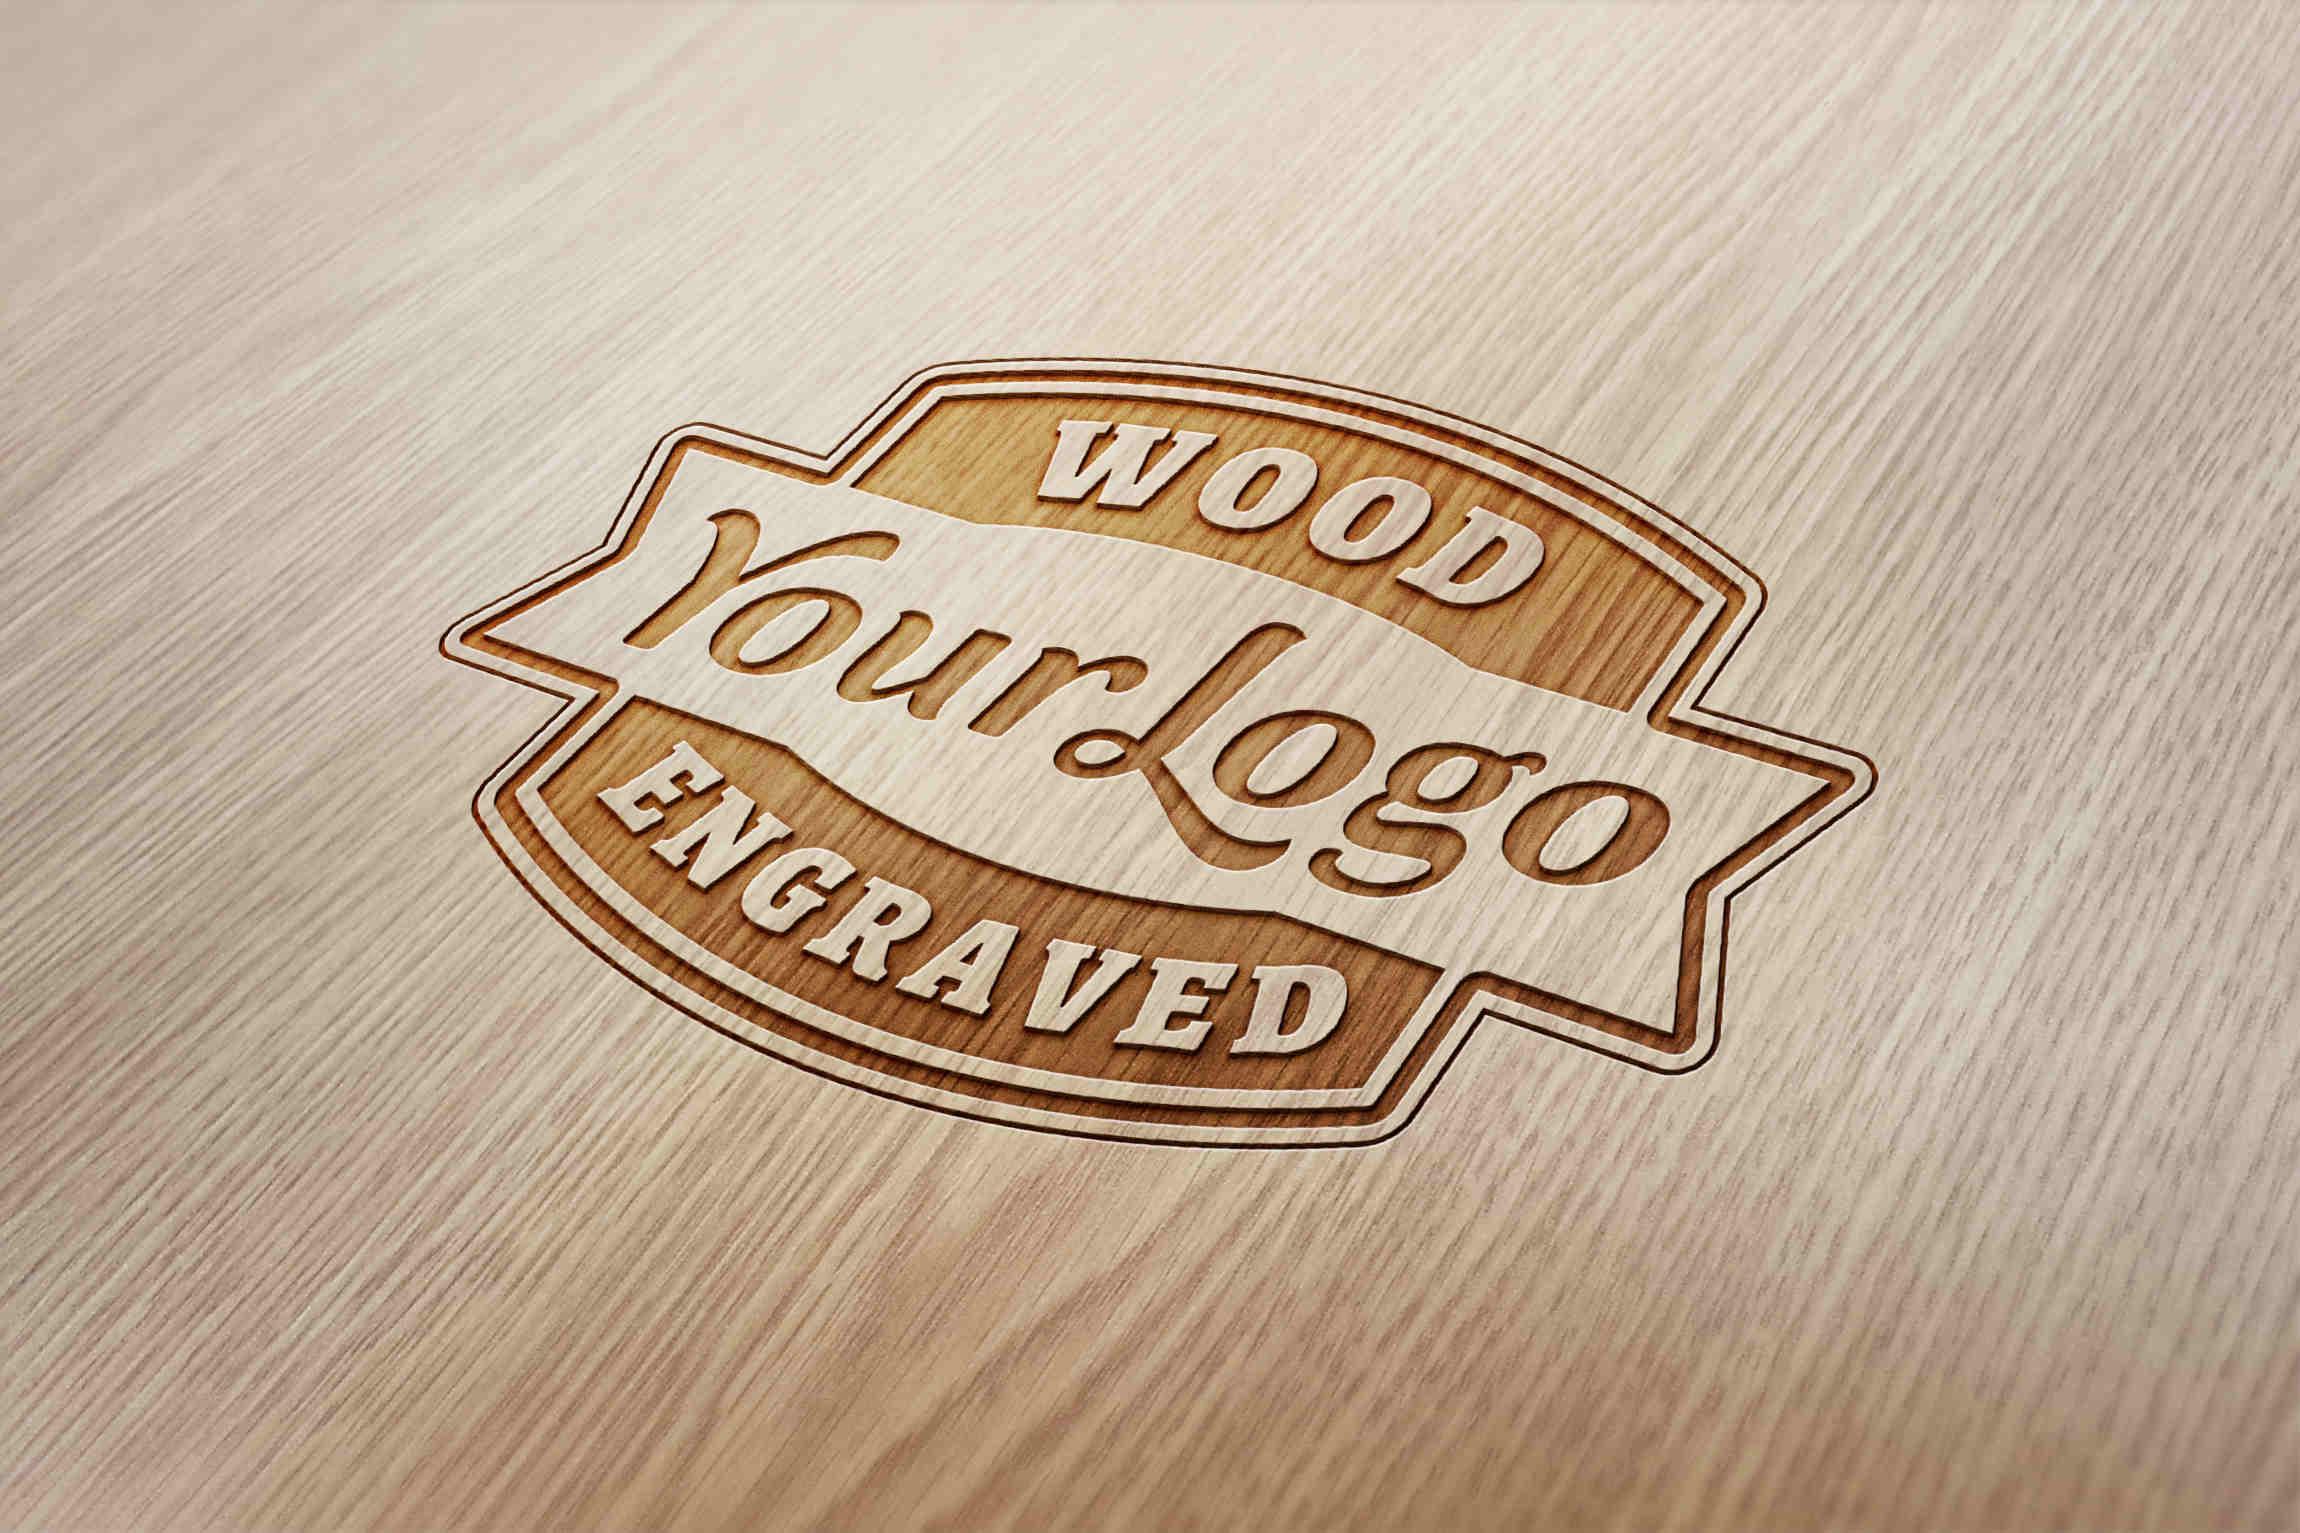 Vintage Wood Engraved Logo Mockup